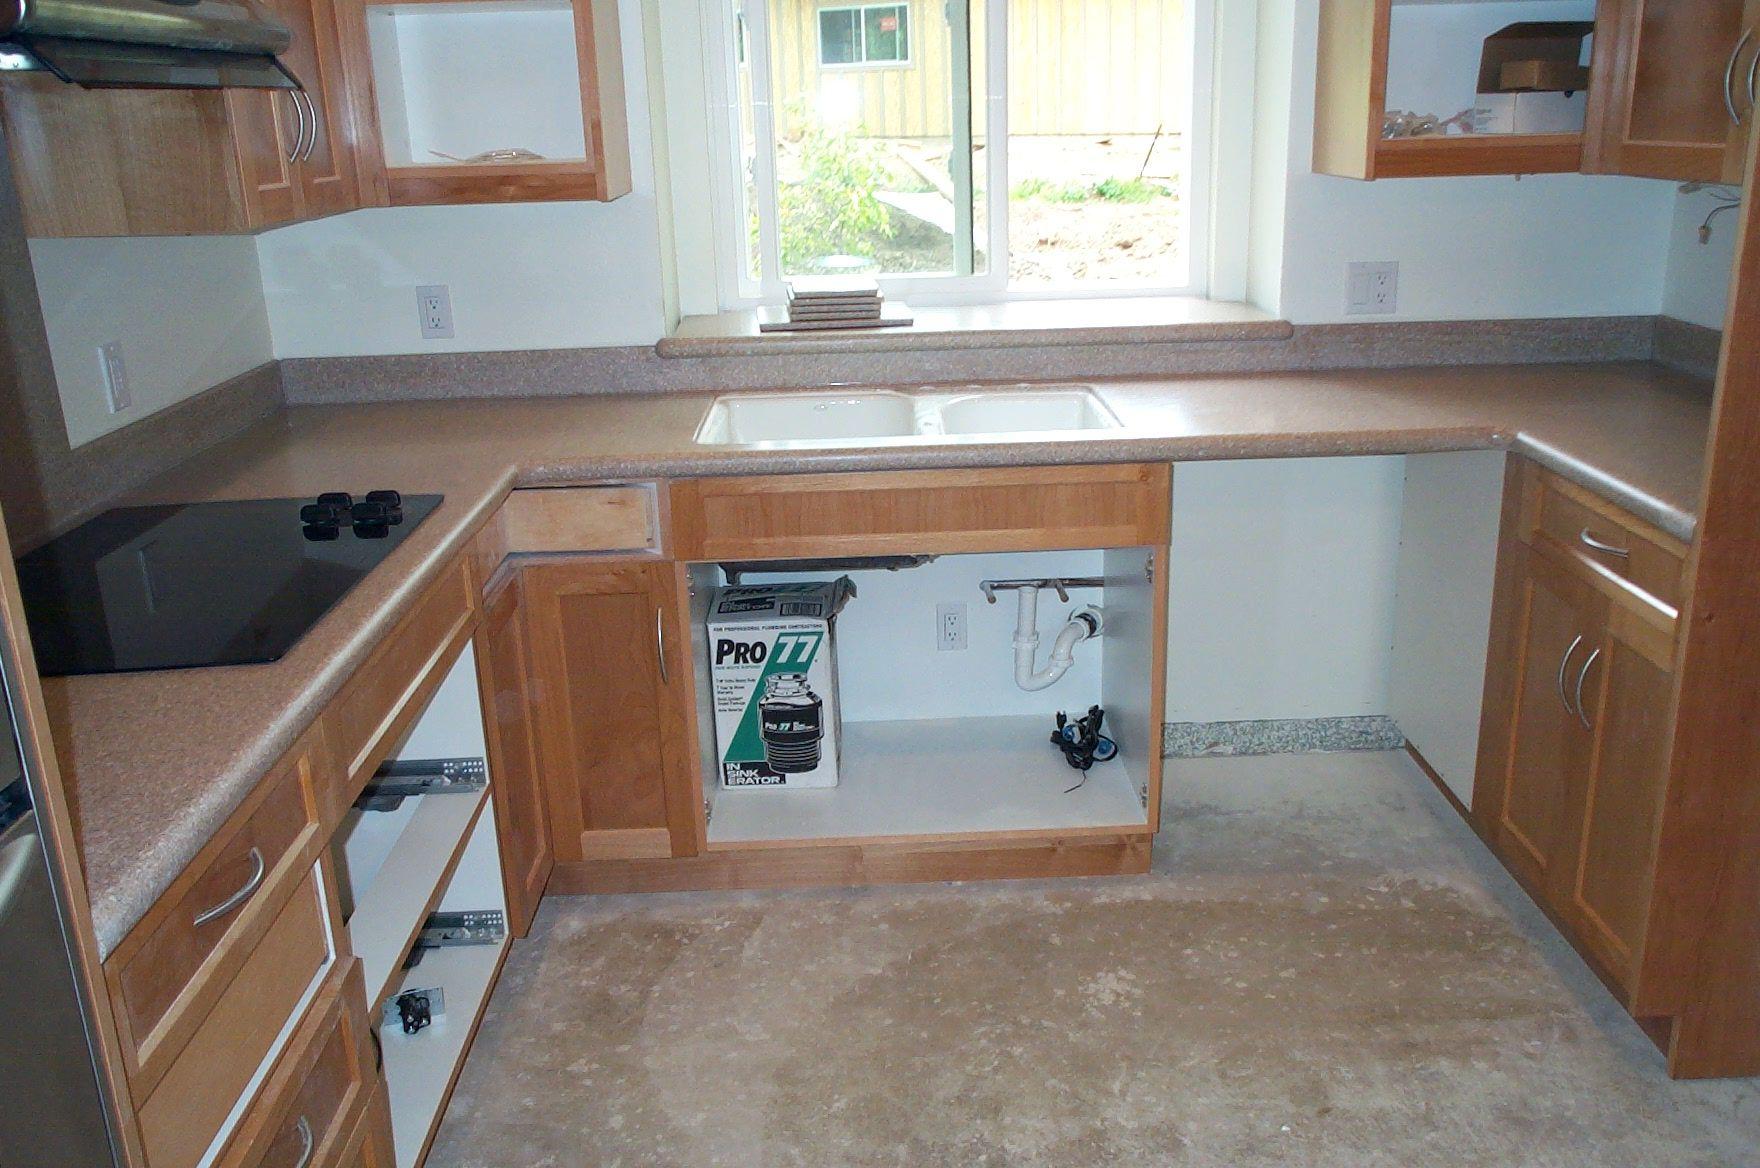 die 2 besten küche spritzschutz ideen   küche spritzschutz